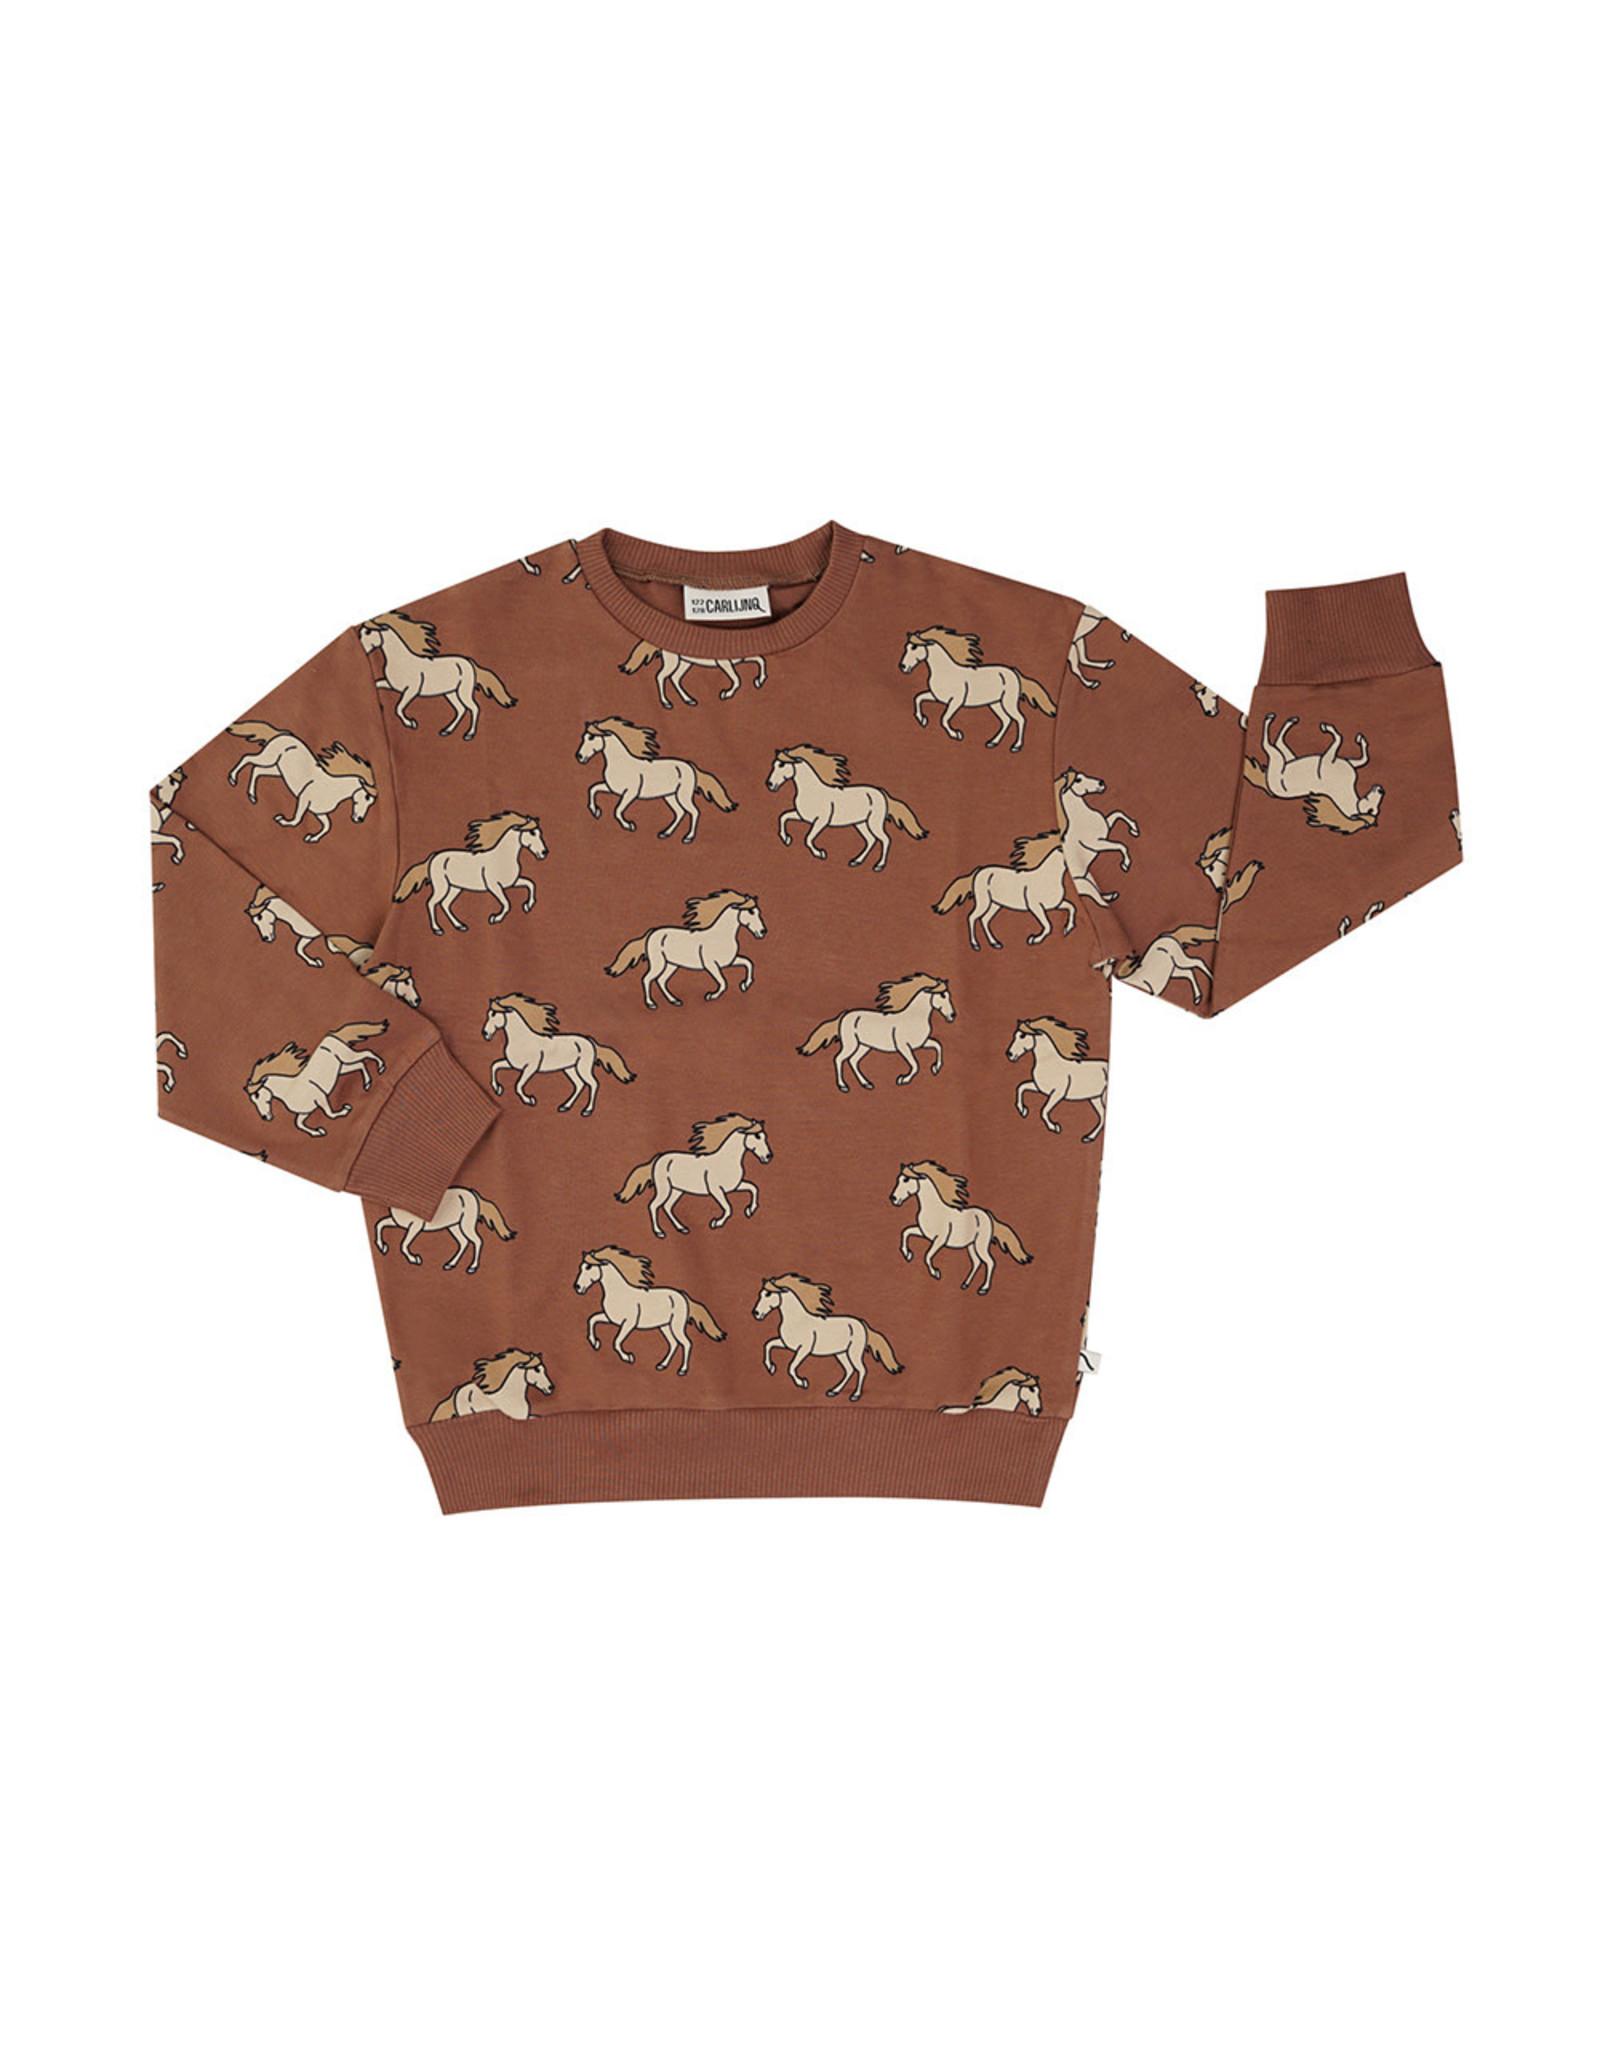 Carlijn Q Carlijn Q Wild Horse - Sweater